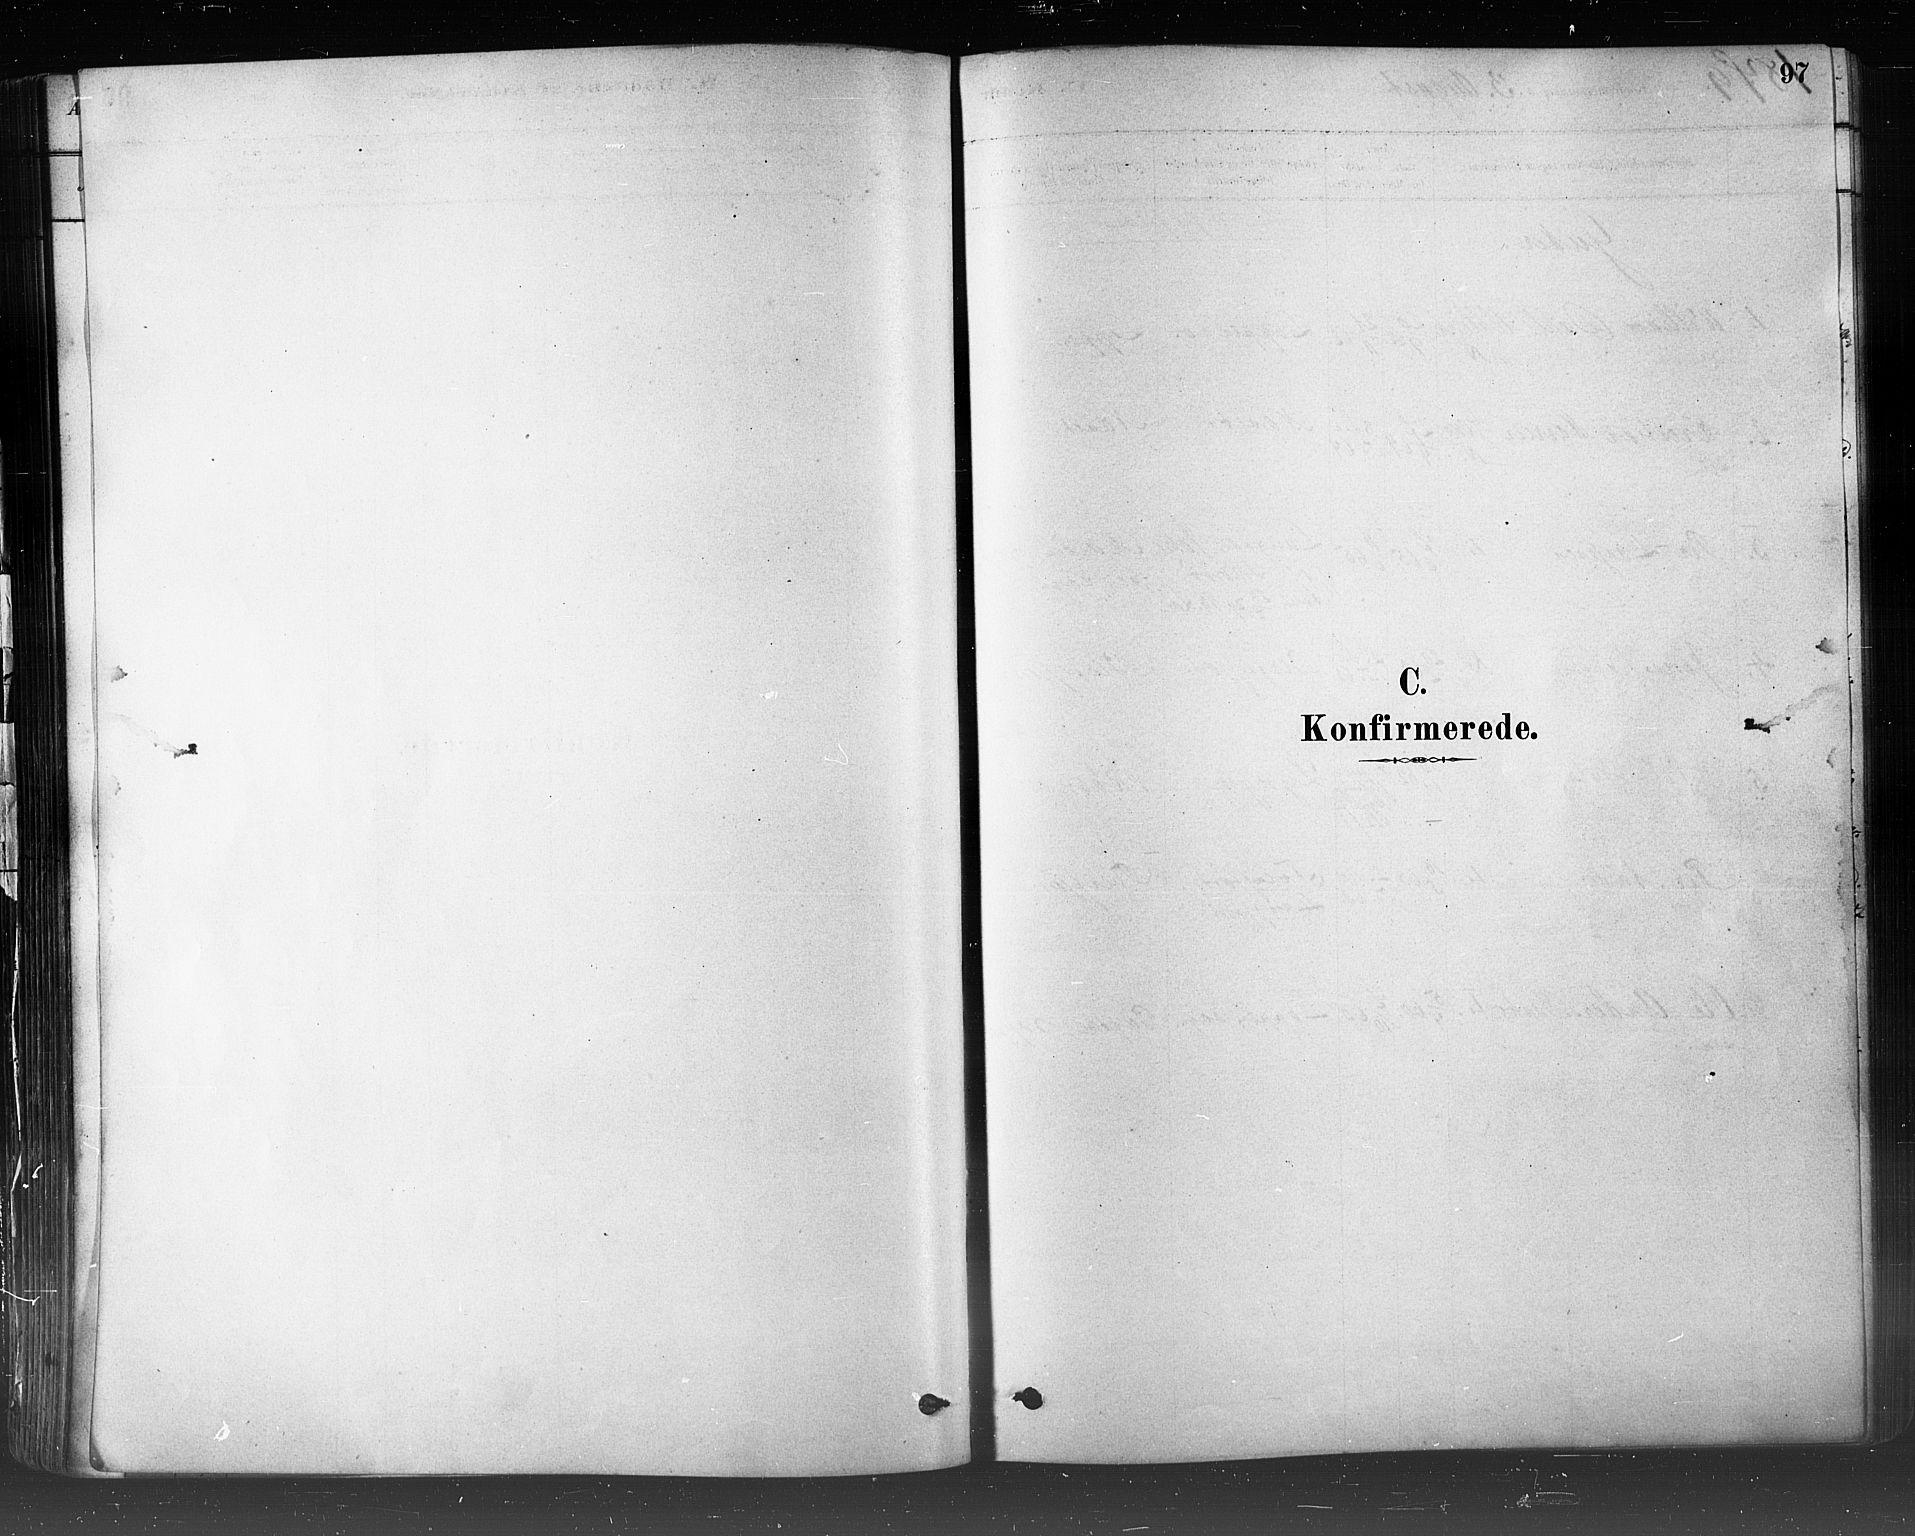 SATØ, Loppa sokneprestkontor, H/Ha/L0006kirke: Ministerialbok nr. 6, 1879-1895, s. 97